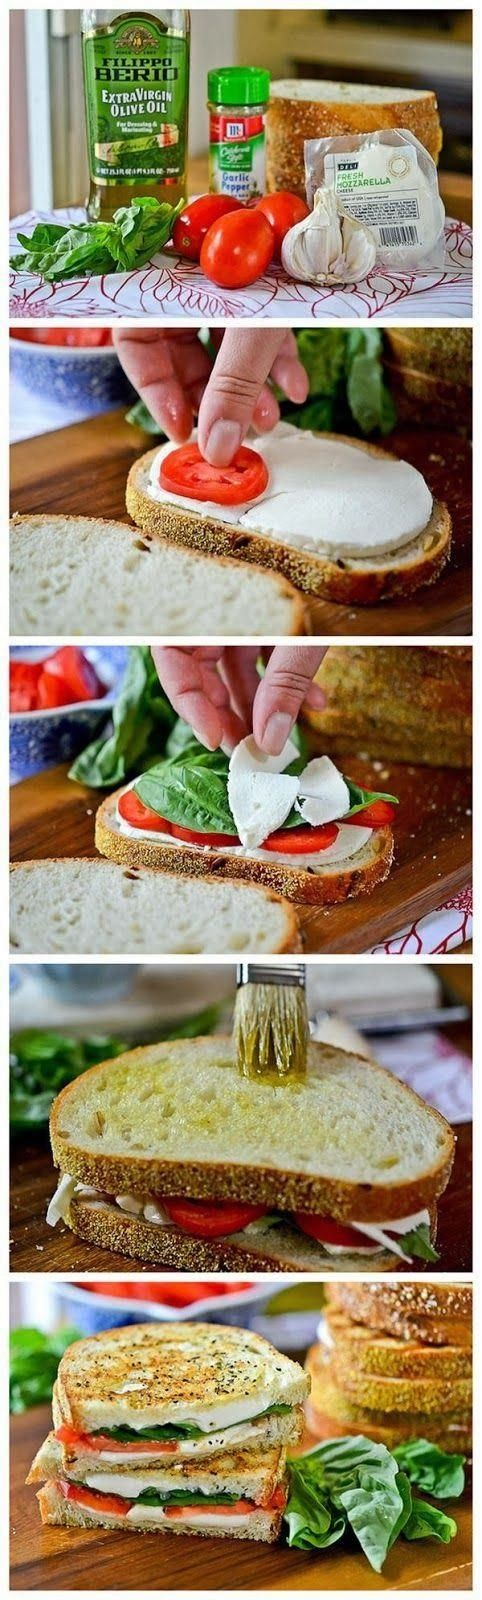 Grilled Margherita Sandwiches #Aufgetischt #lecker #yummi #EuropaPassage #EuropaPassageHamburg